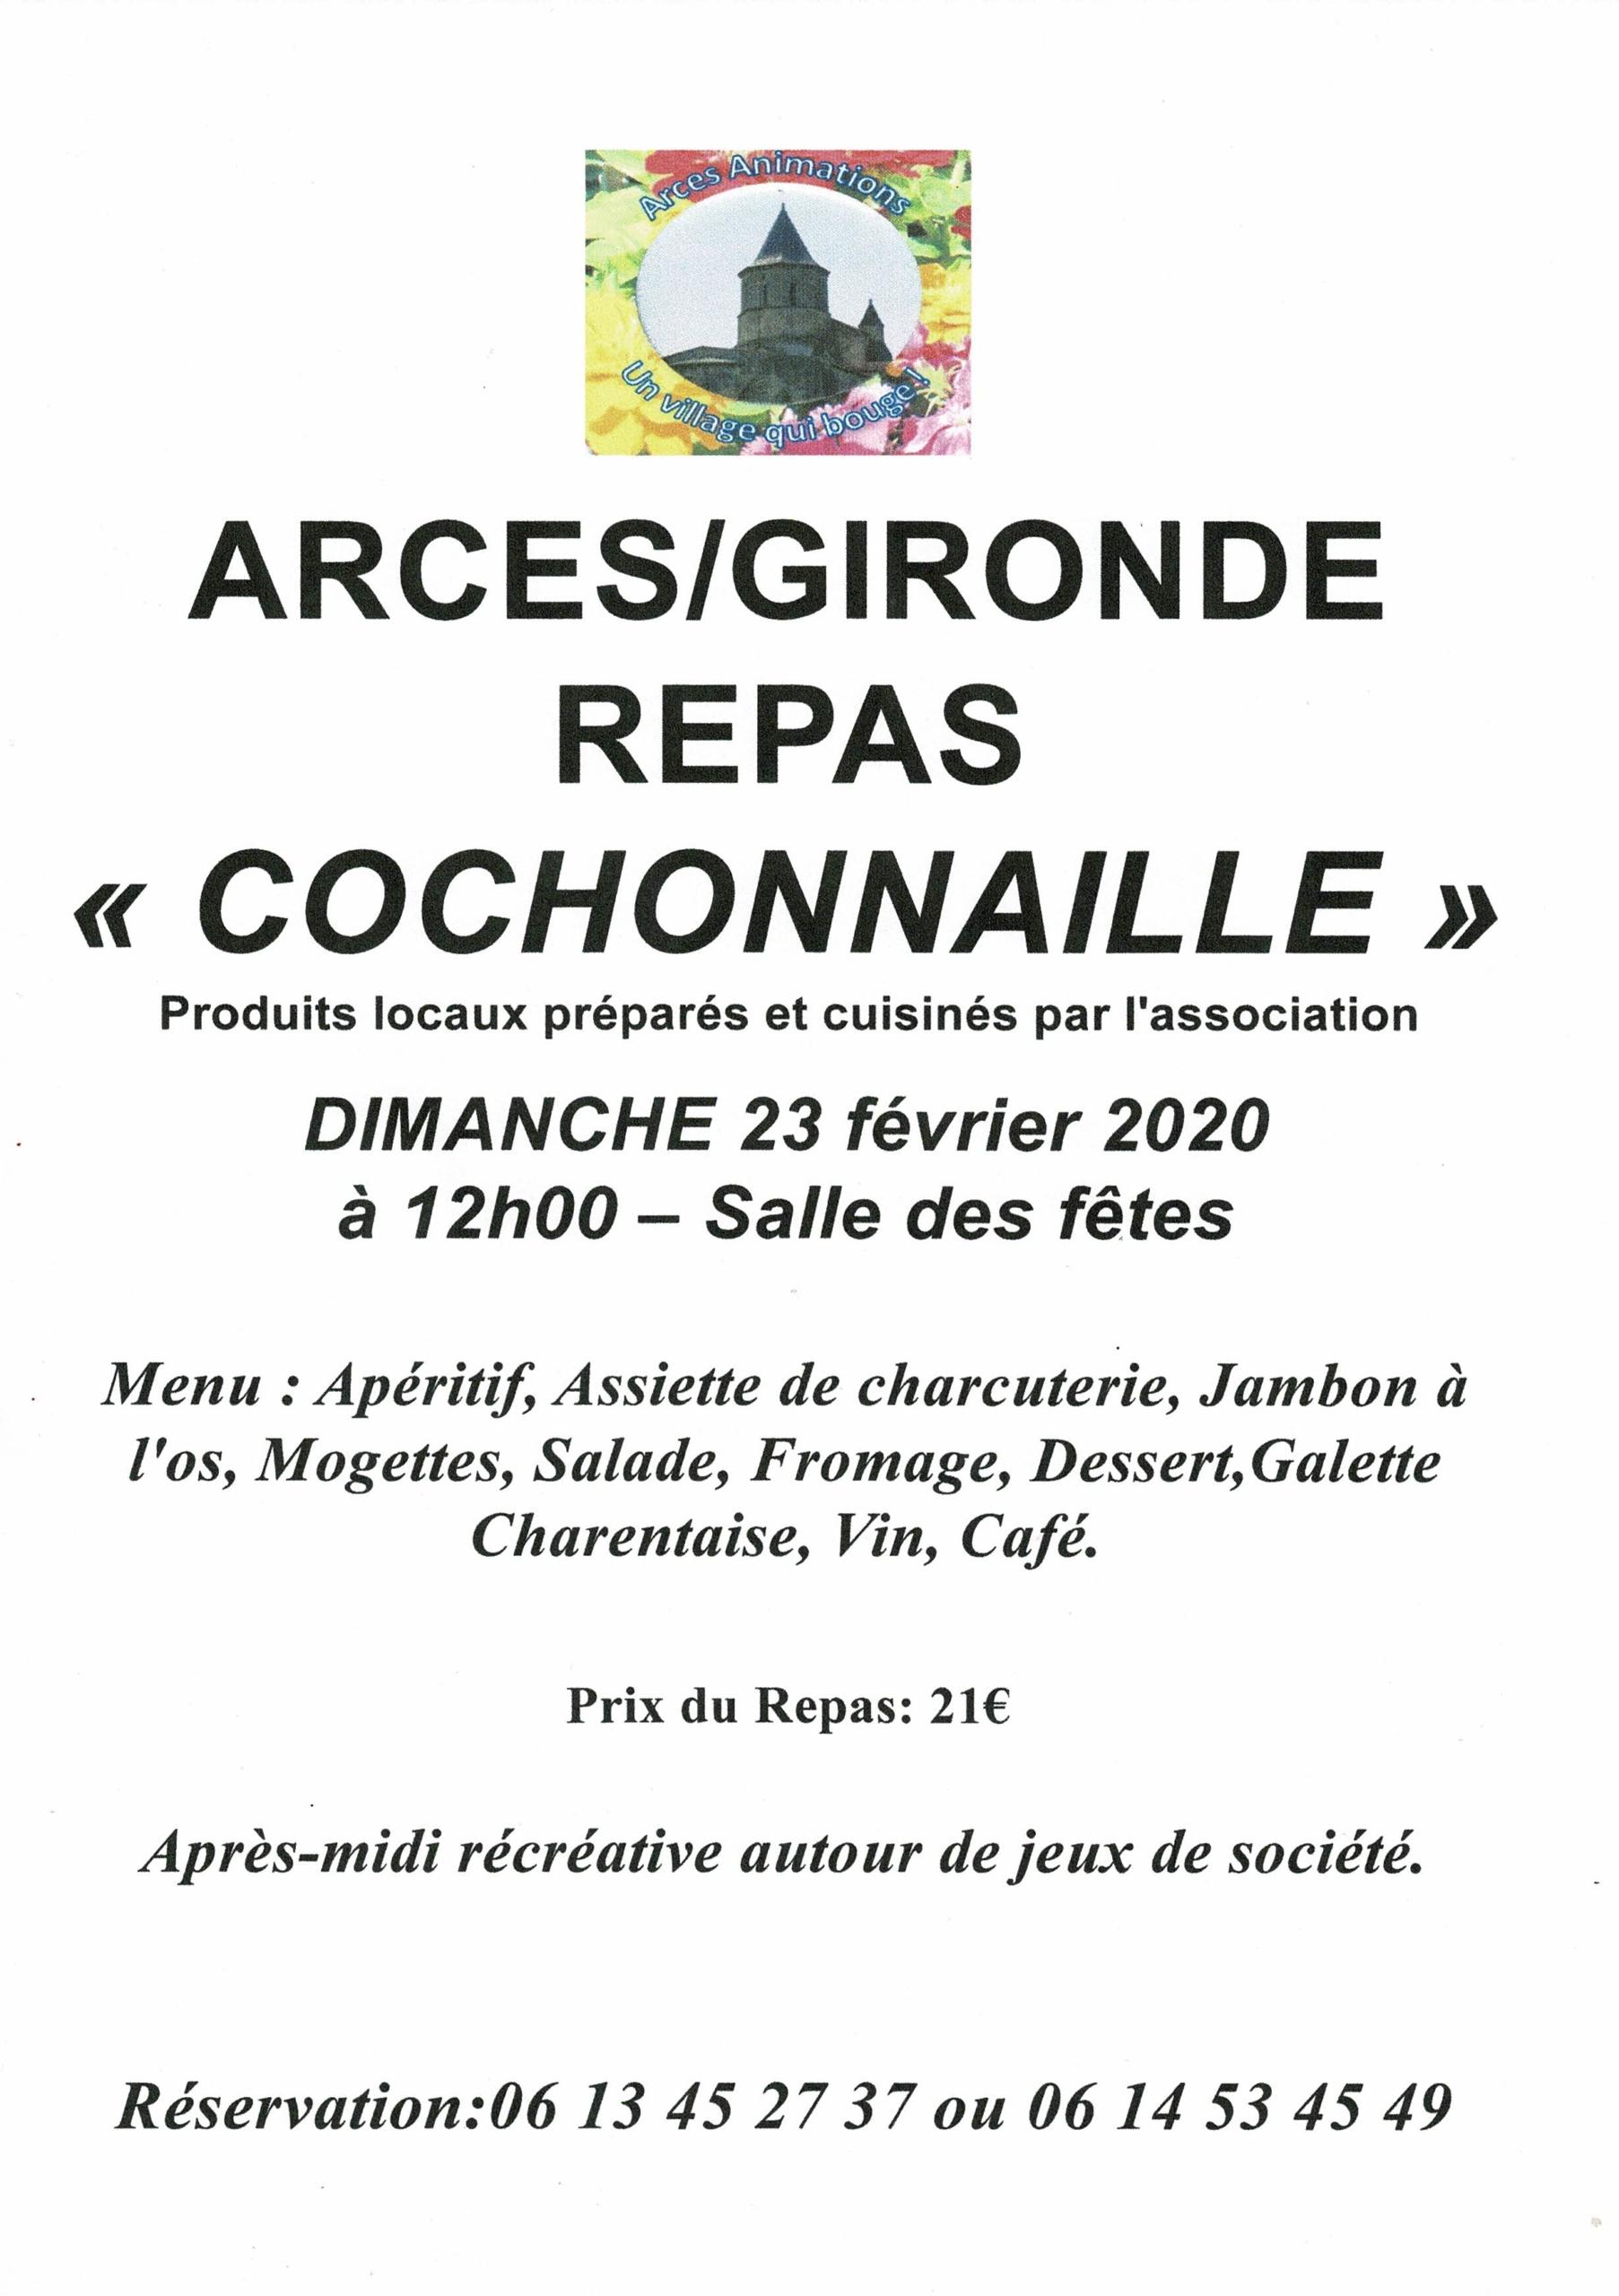 Dimanche 23 Février 2020 : Repas cochonnaille